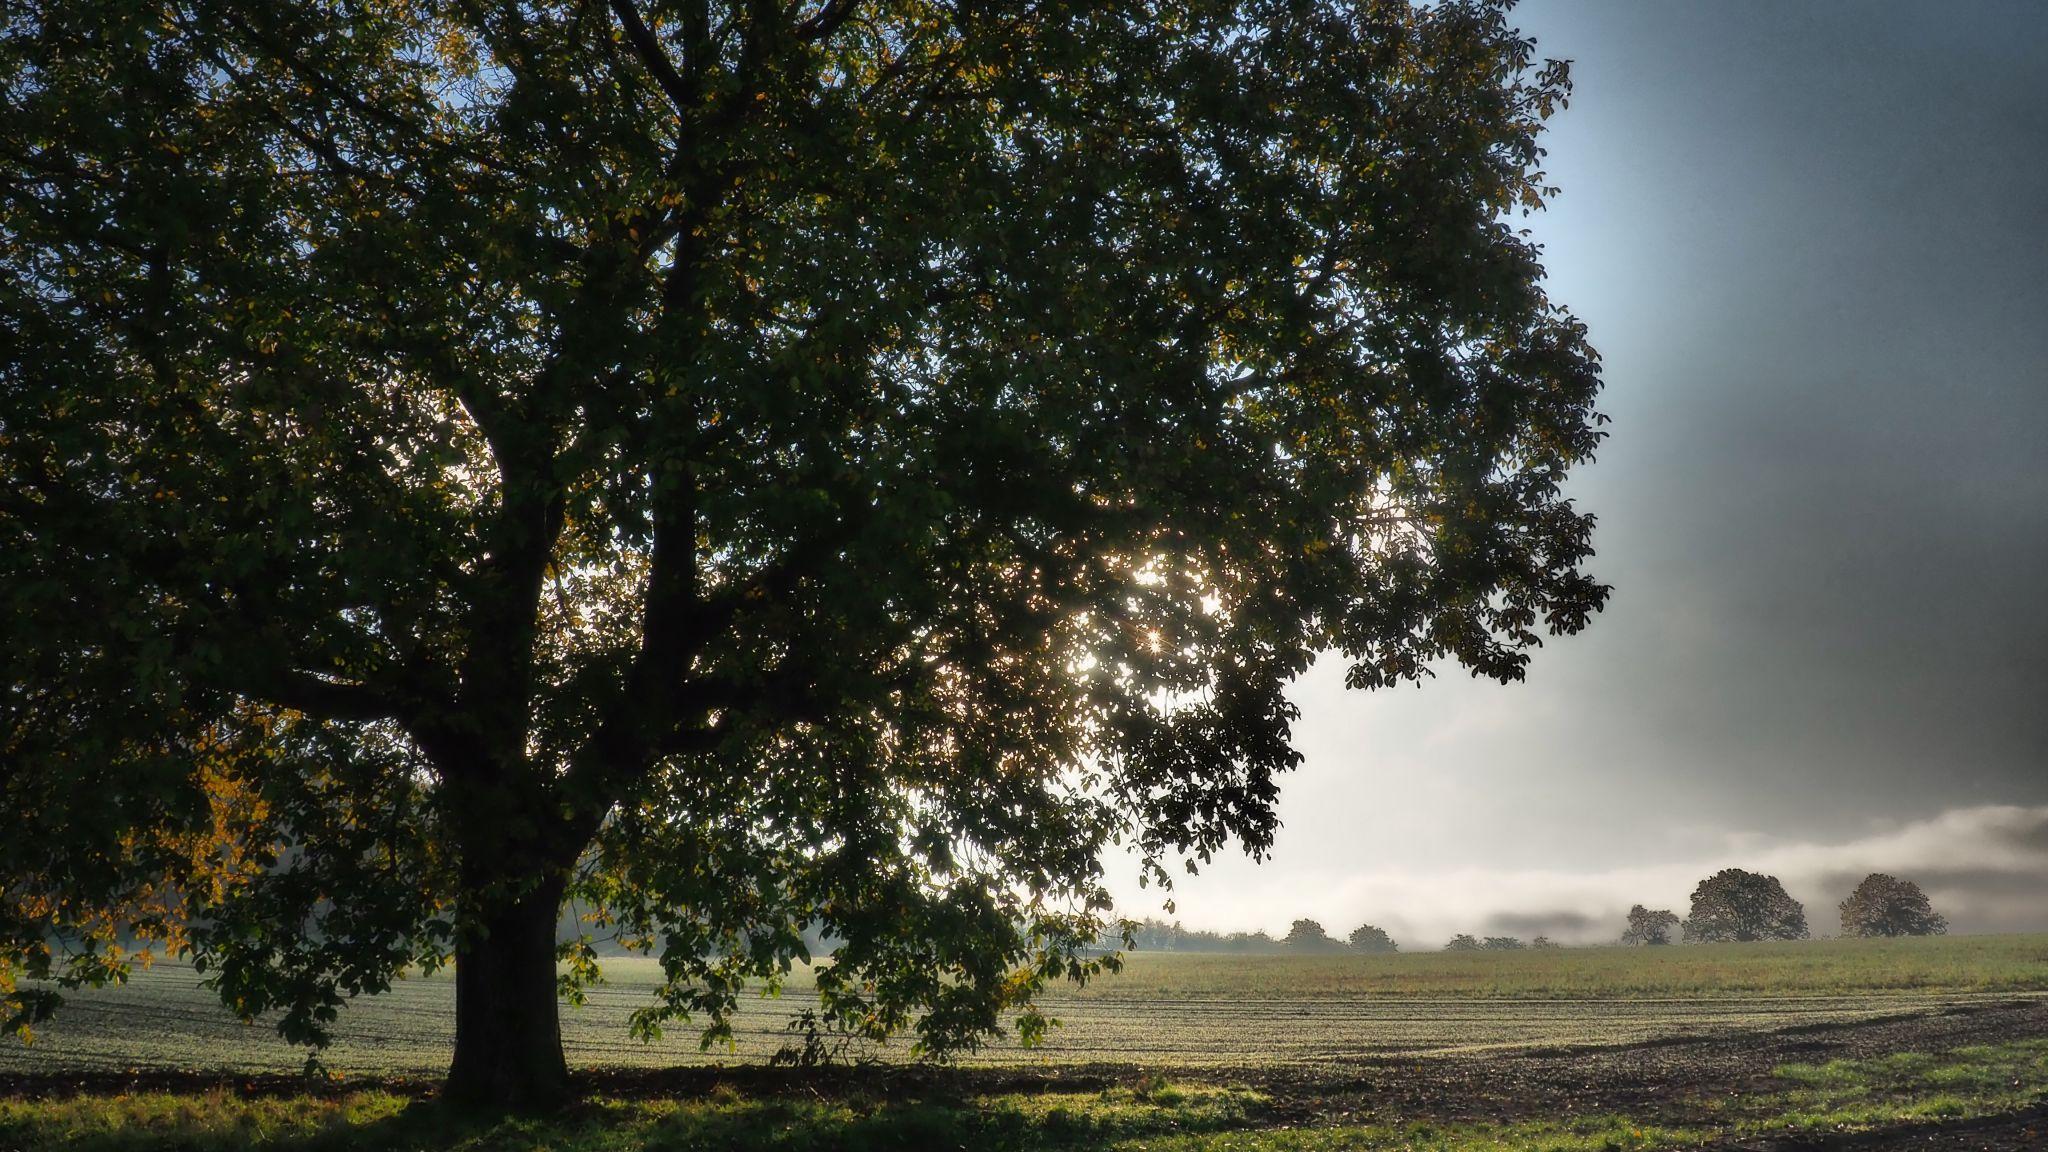 Old Oaktree, Germany